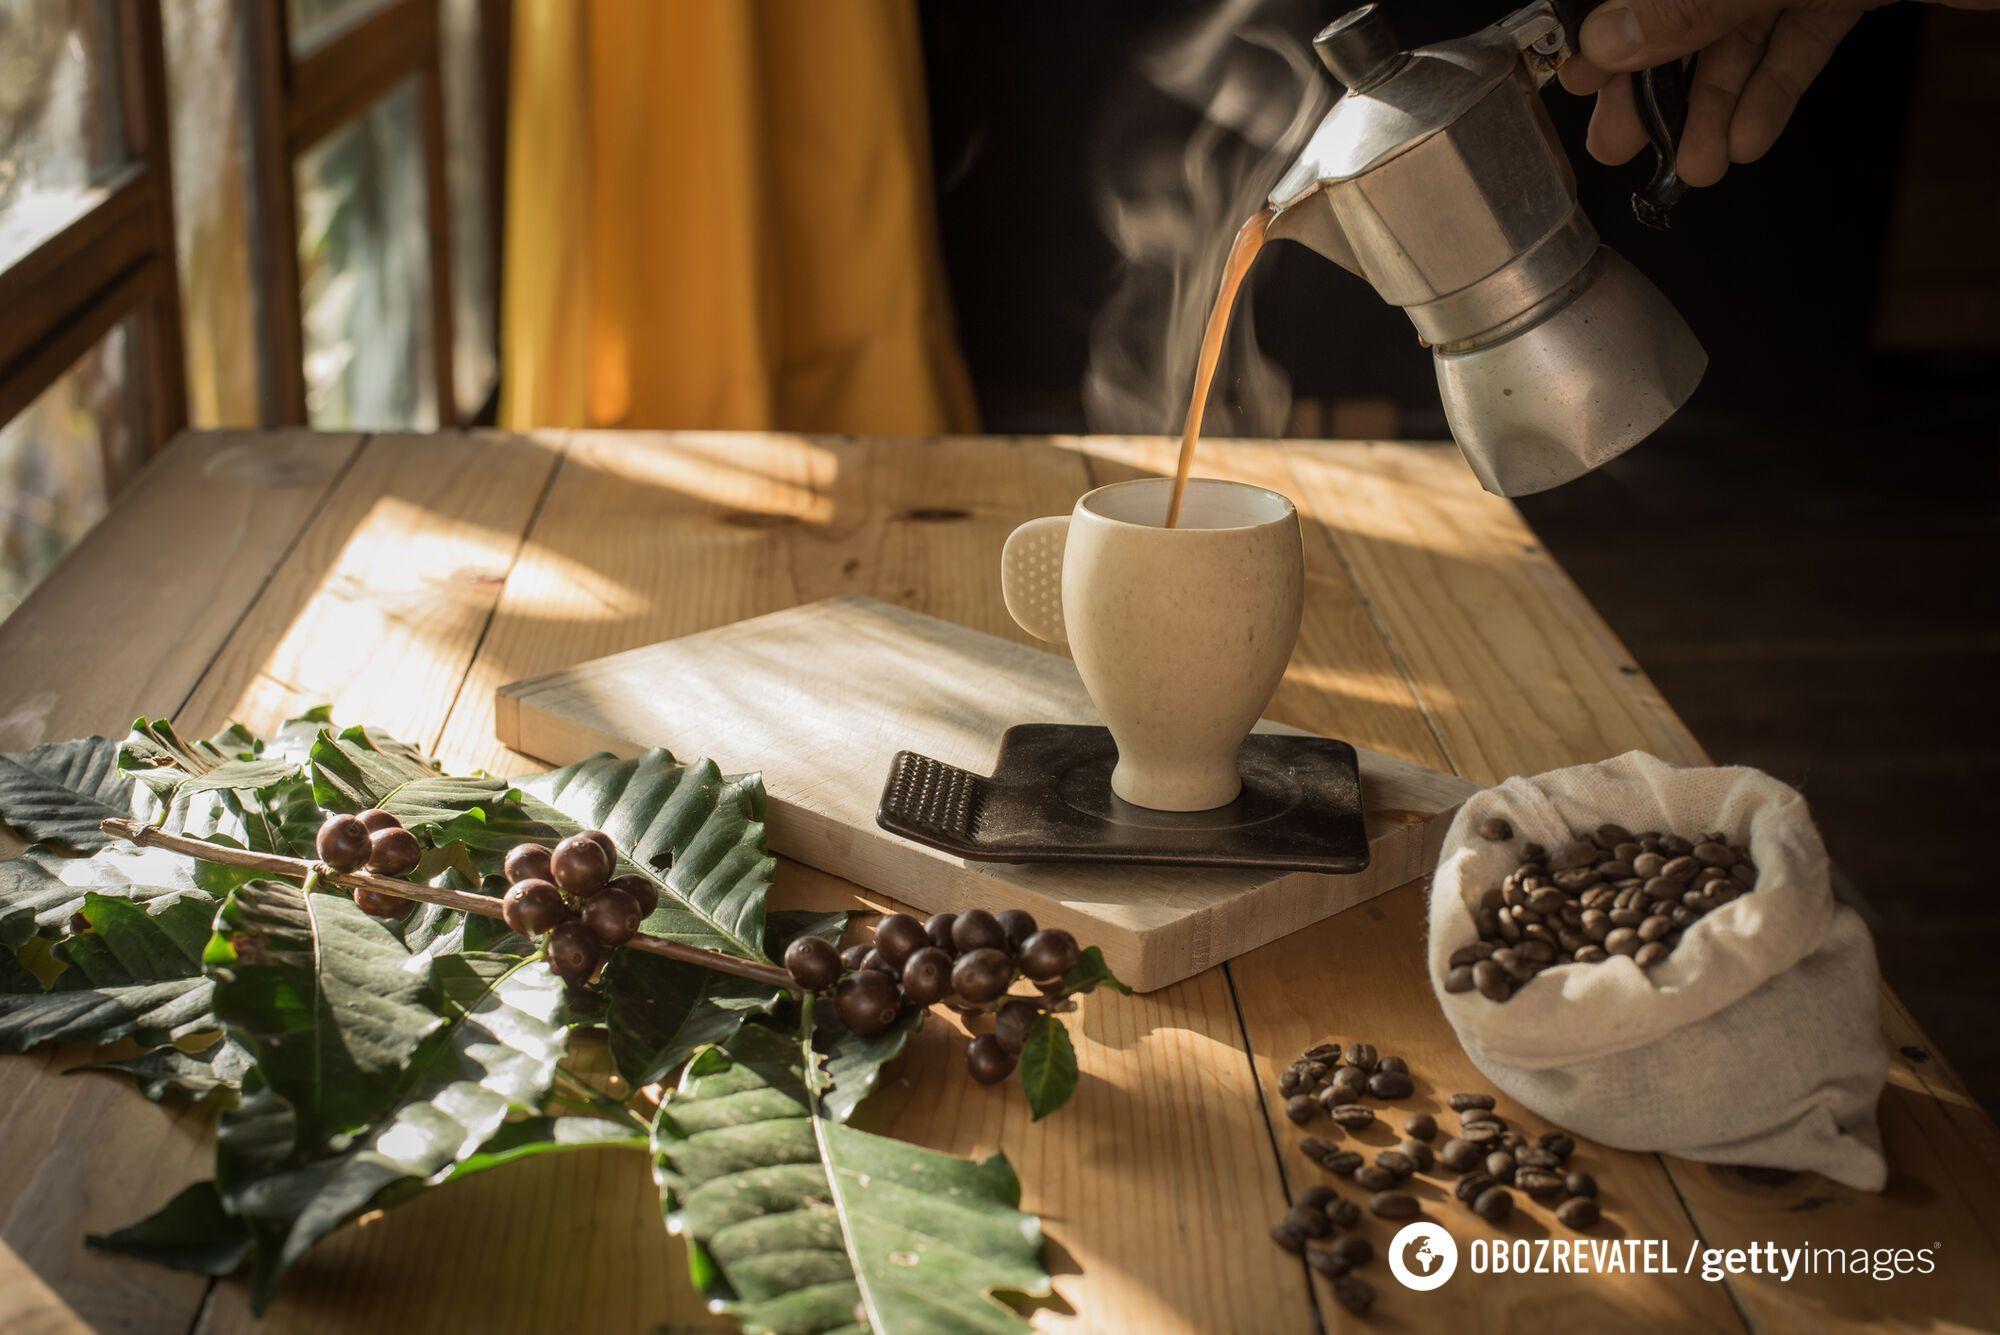 Кофейный аромат подавляет чувство голода